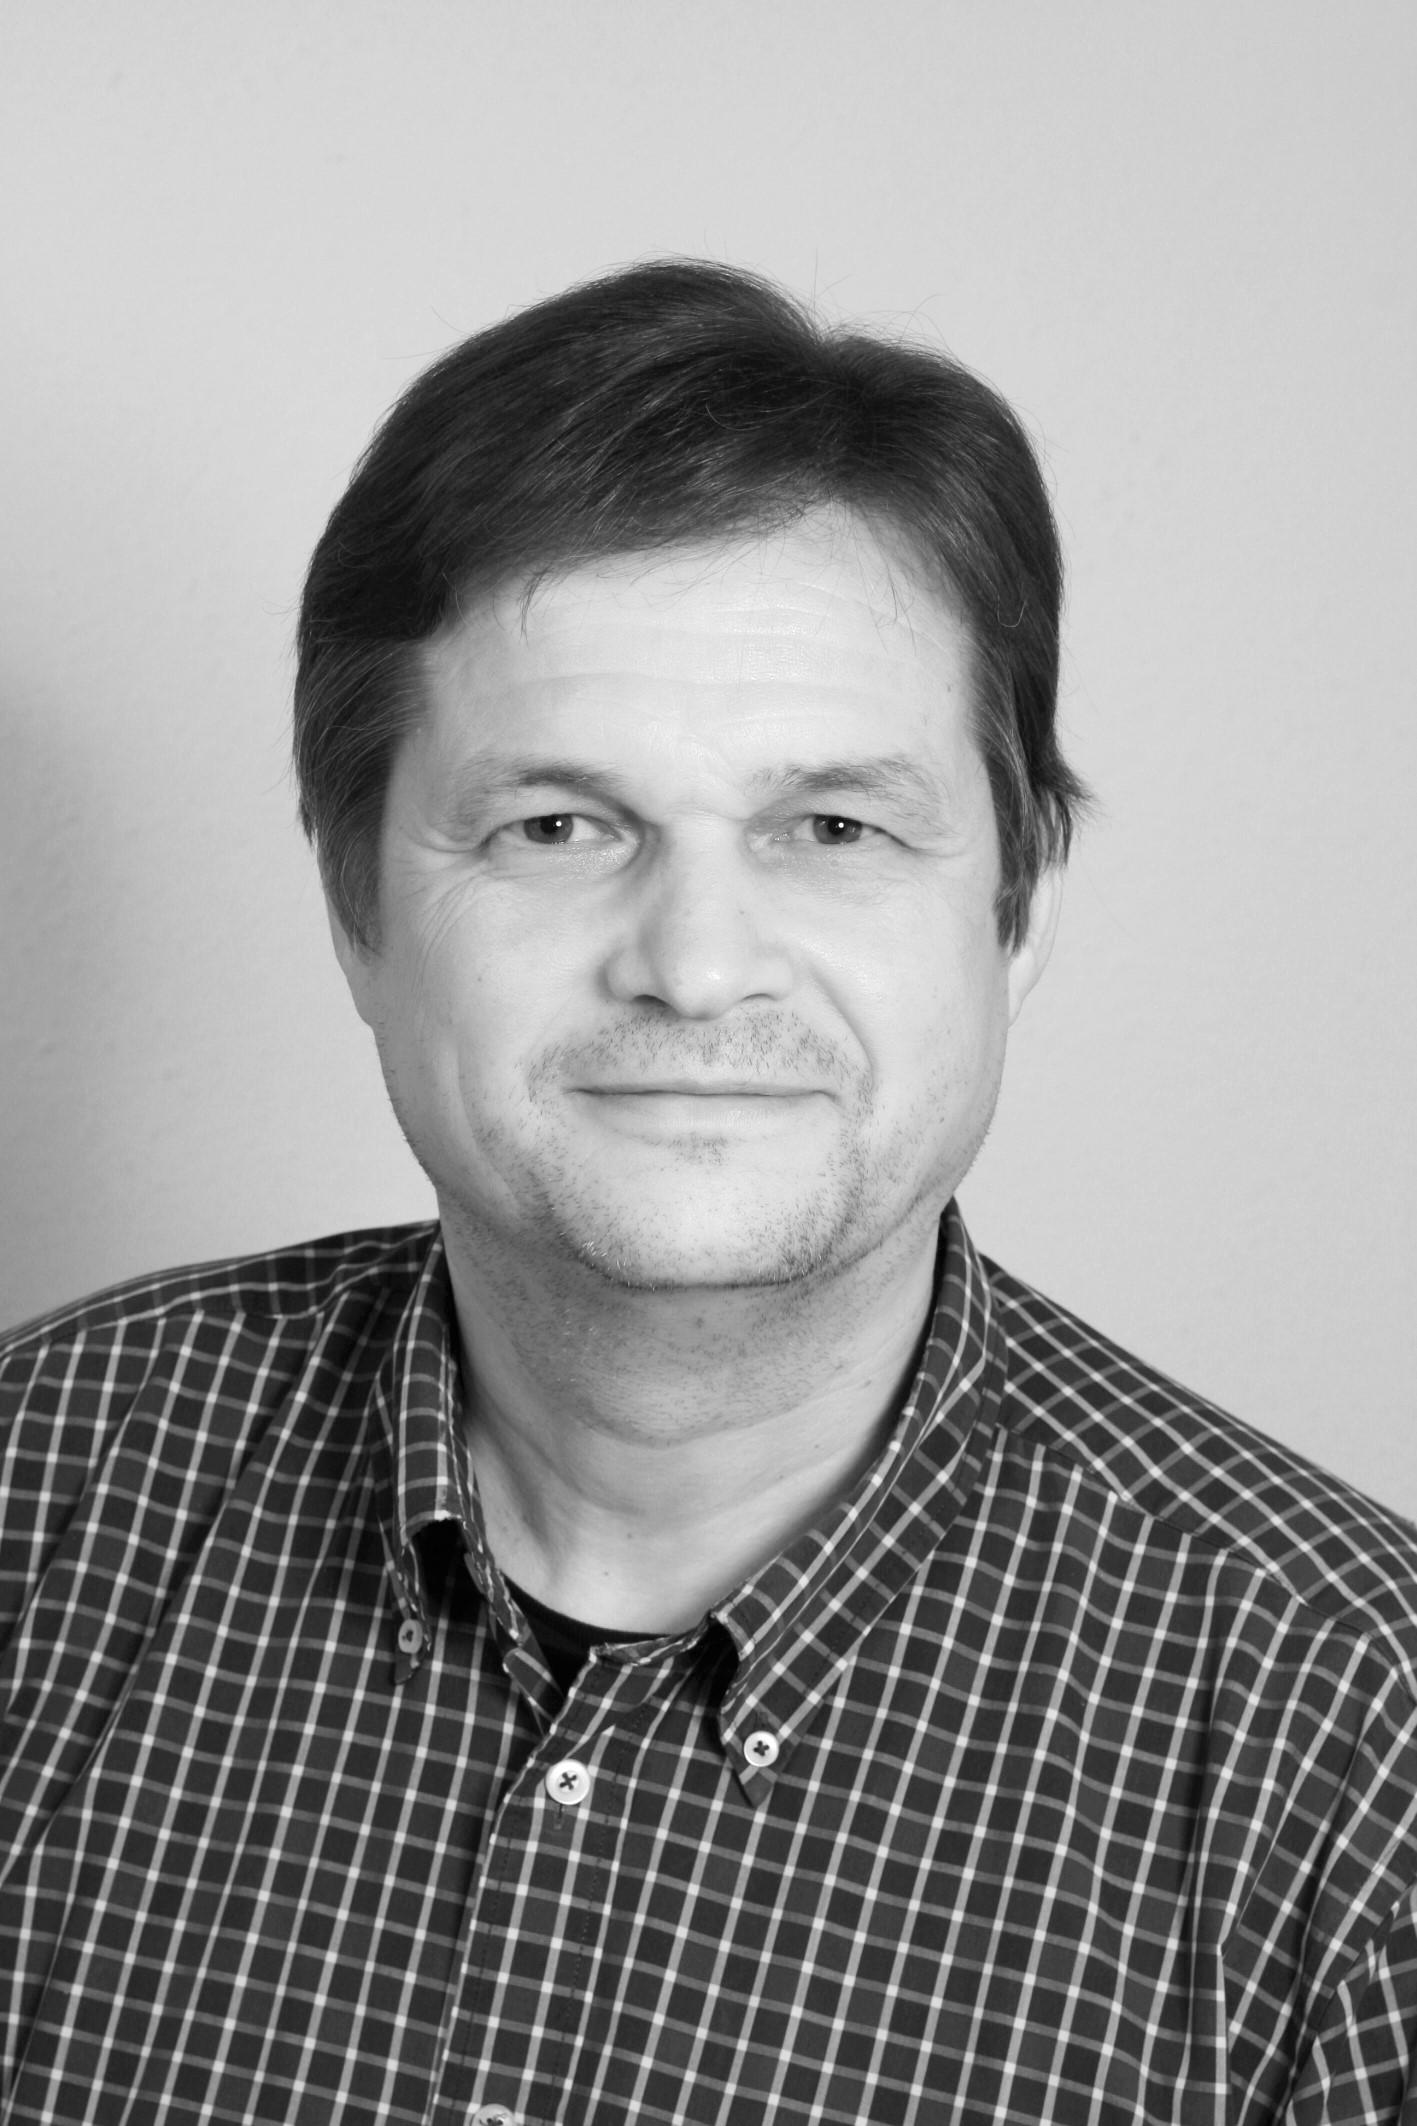 Dr. Heiner Wahl gehört zu den Experten für Umwelt, Abfall und Gefahrstoffe. Er ist Diplom-Chemiker und Unternehmensberater